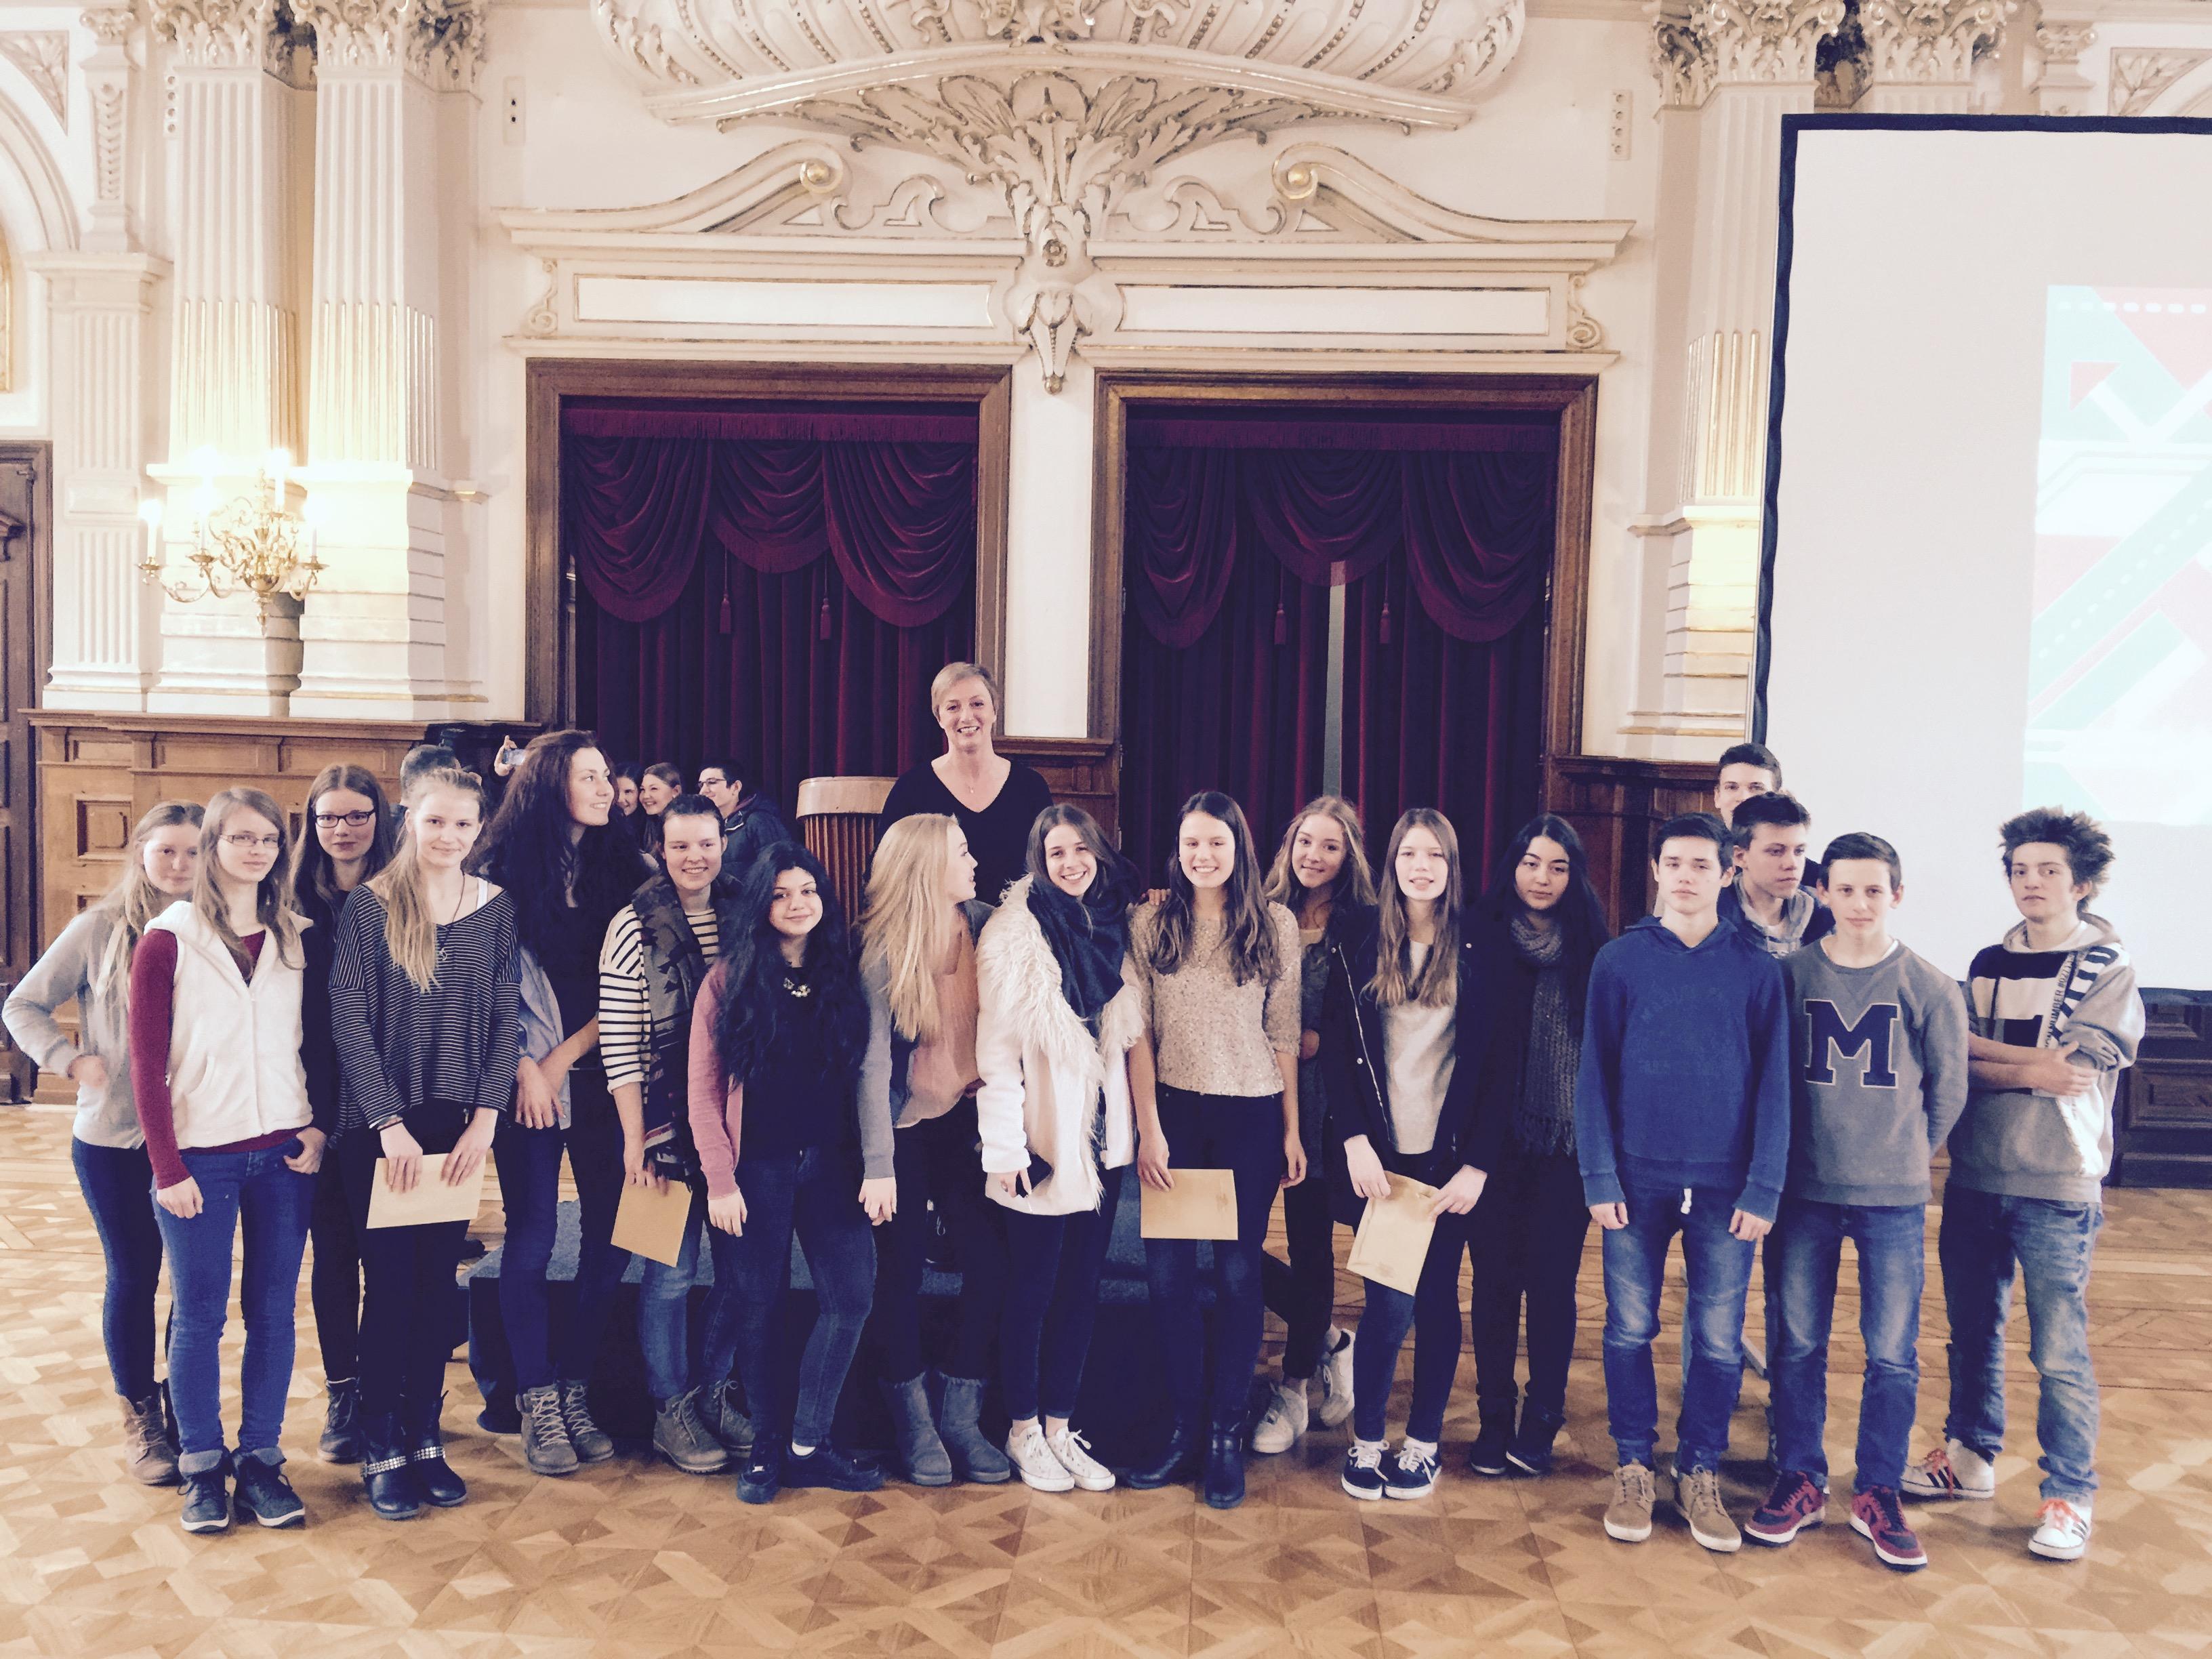 Schülerinnengruppe des AGO belegt 2. Platz bei Filmwettbewerb